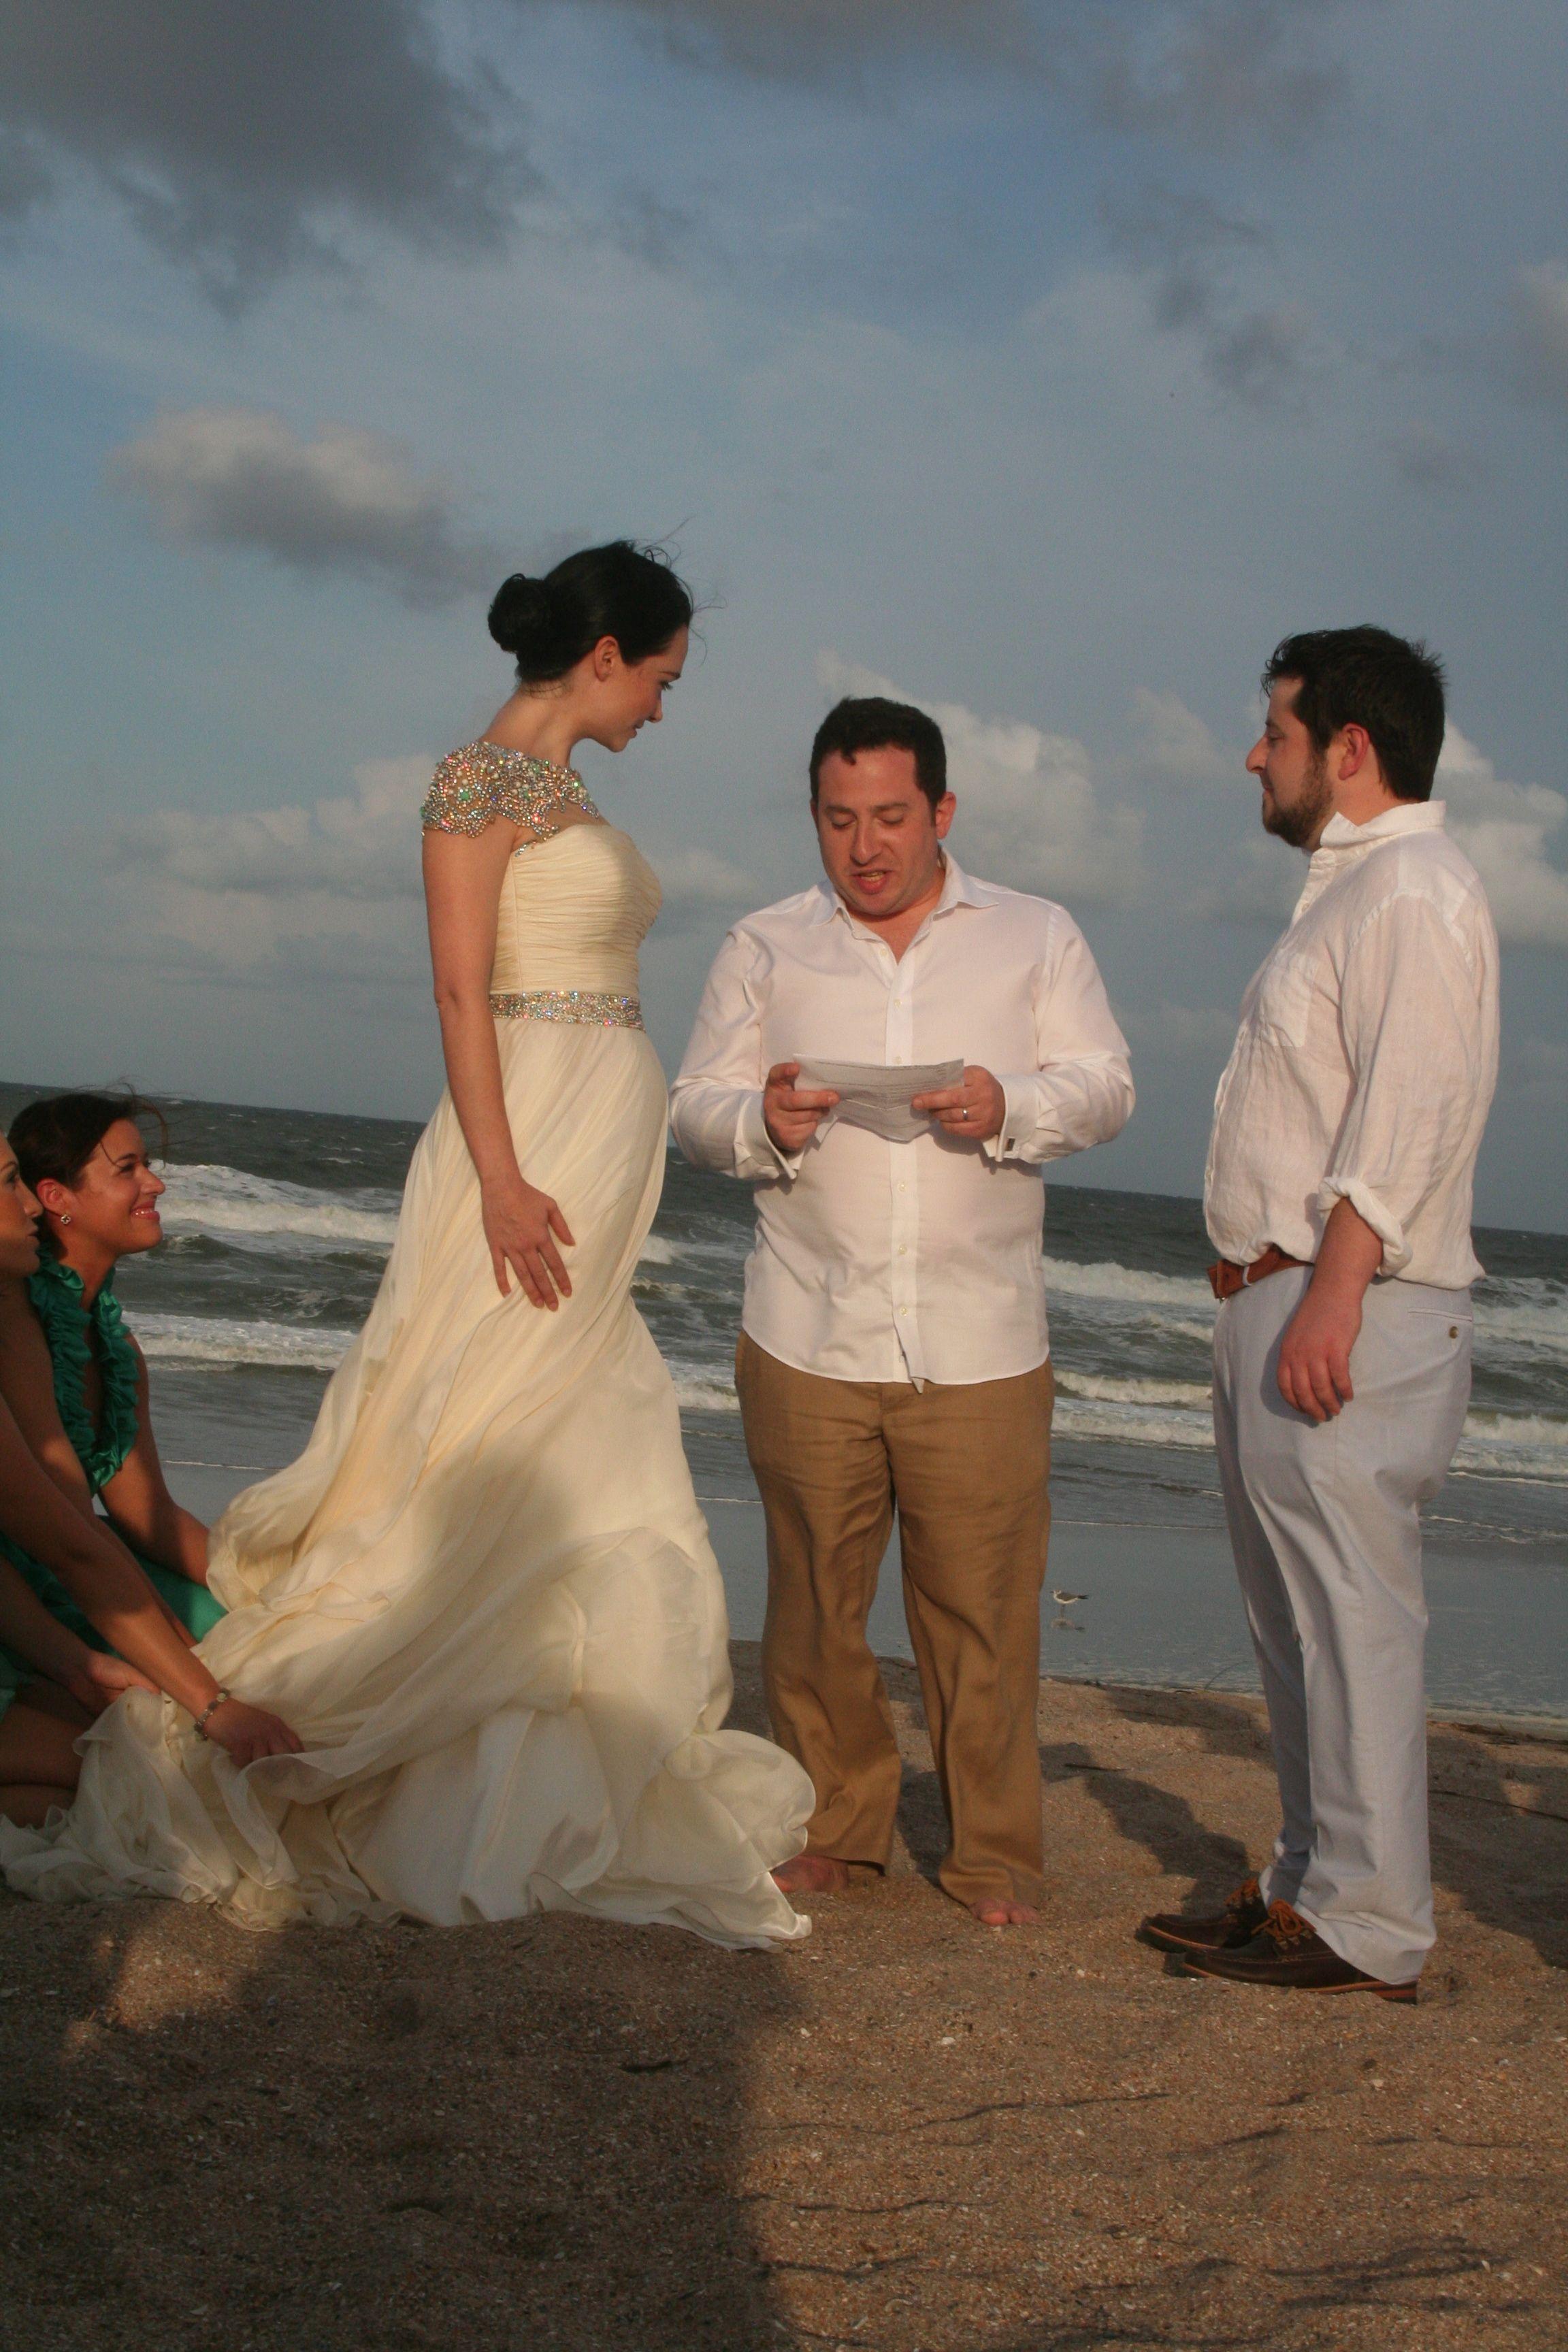 Kristen Ruhlin Beach Wedding, 2013, Beach Wedding, Rustic, Amelia Island, FL Wedding, Sand, Sherri Hill Dresses, Wedding Dress, Bohemian Wedding, Ocean